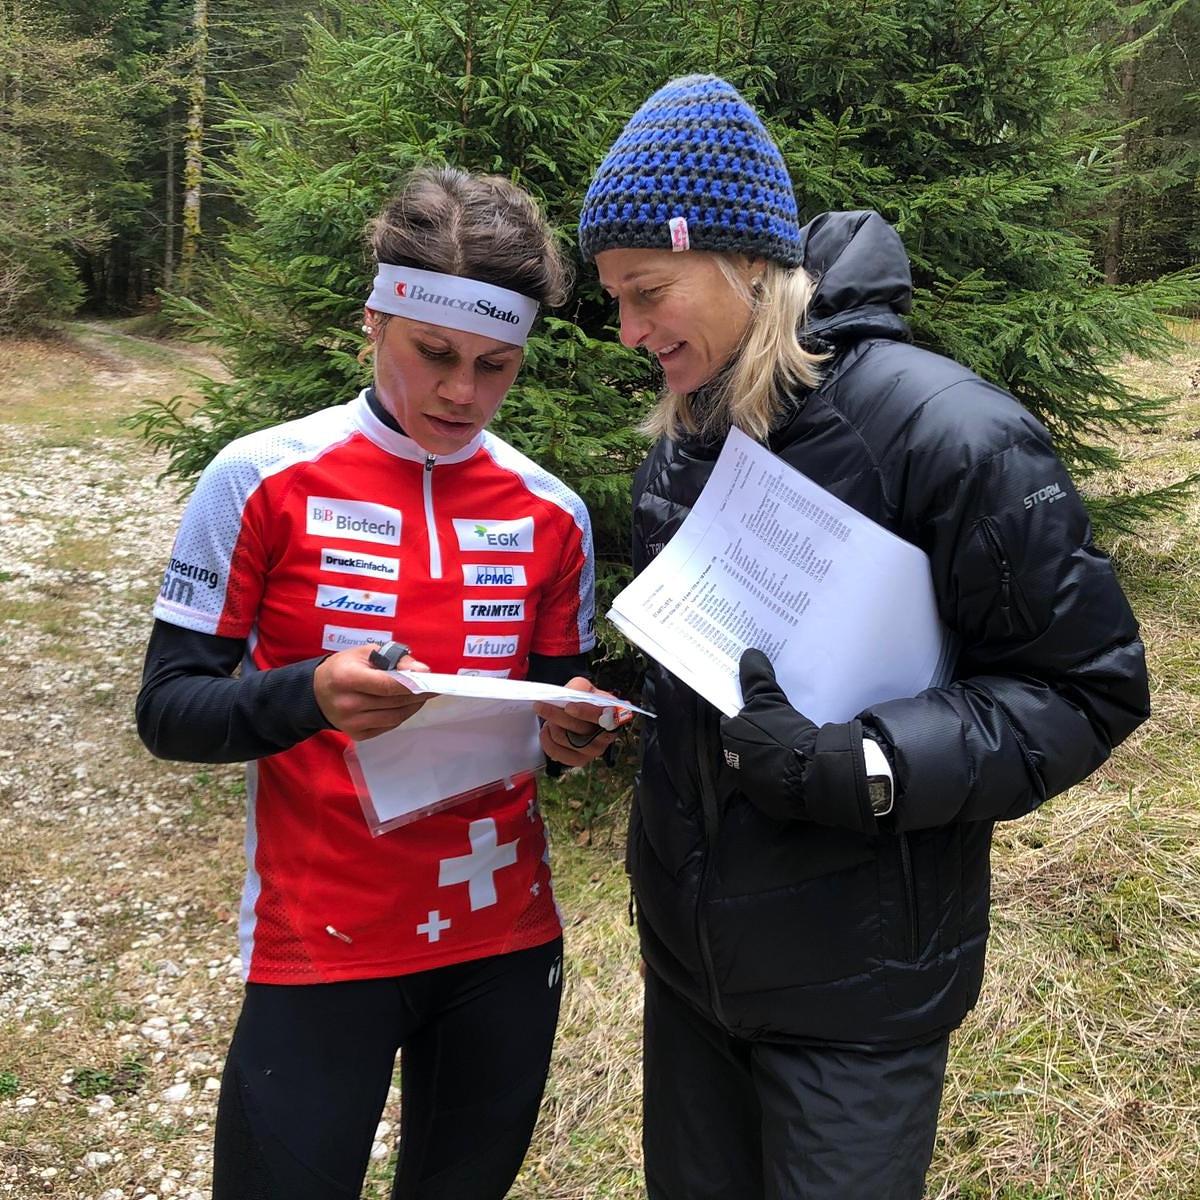 Analisi post gara con l'allenatrice Vroni. Foto: Christine Lüscher - Fogtmann